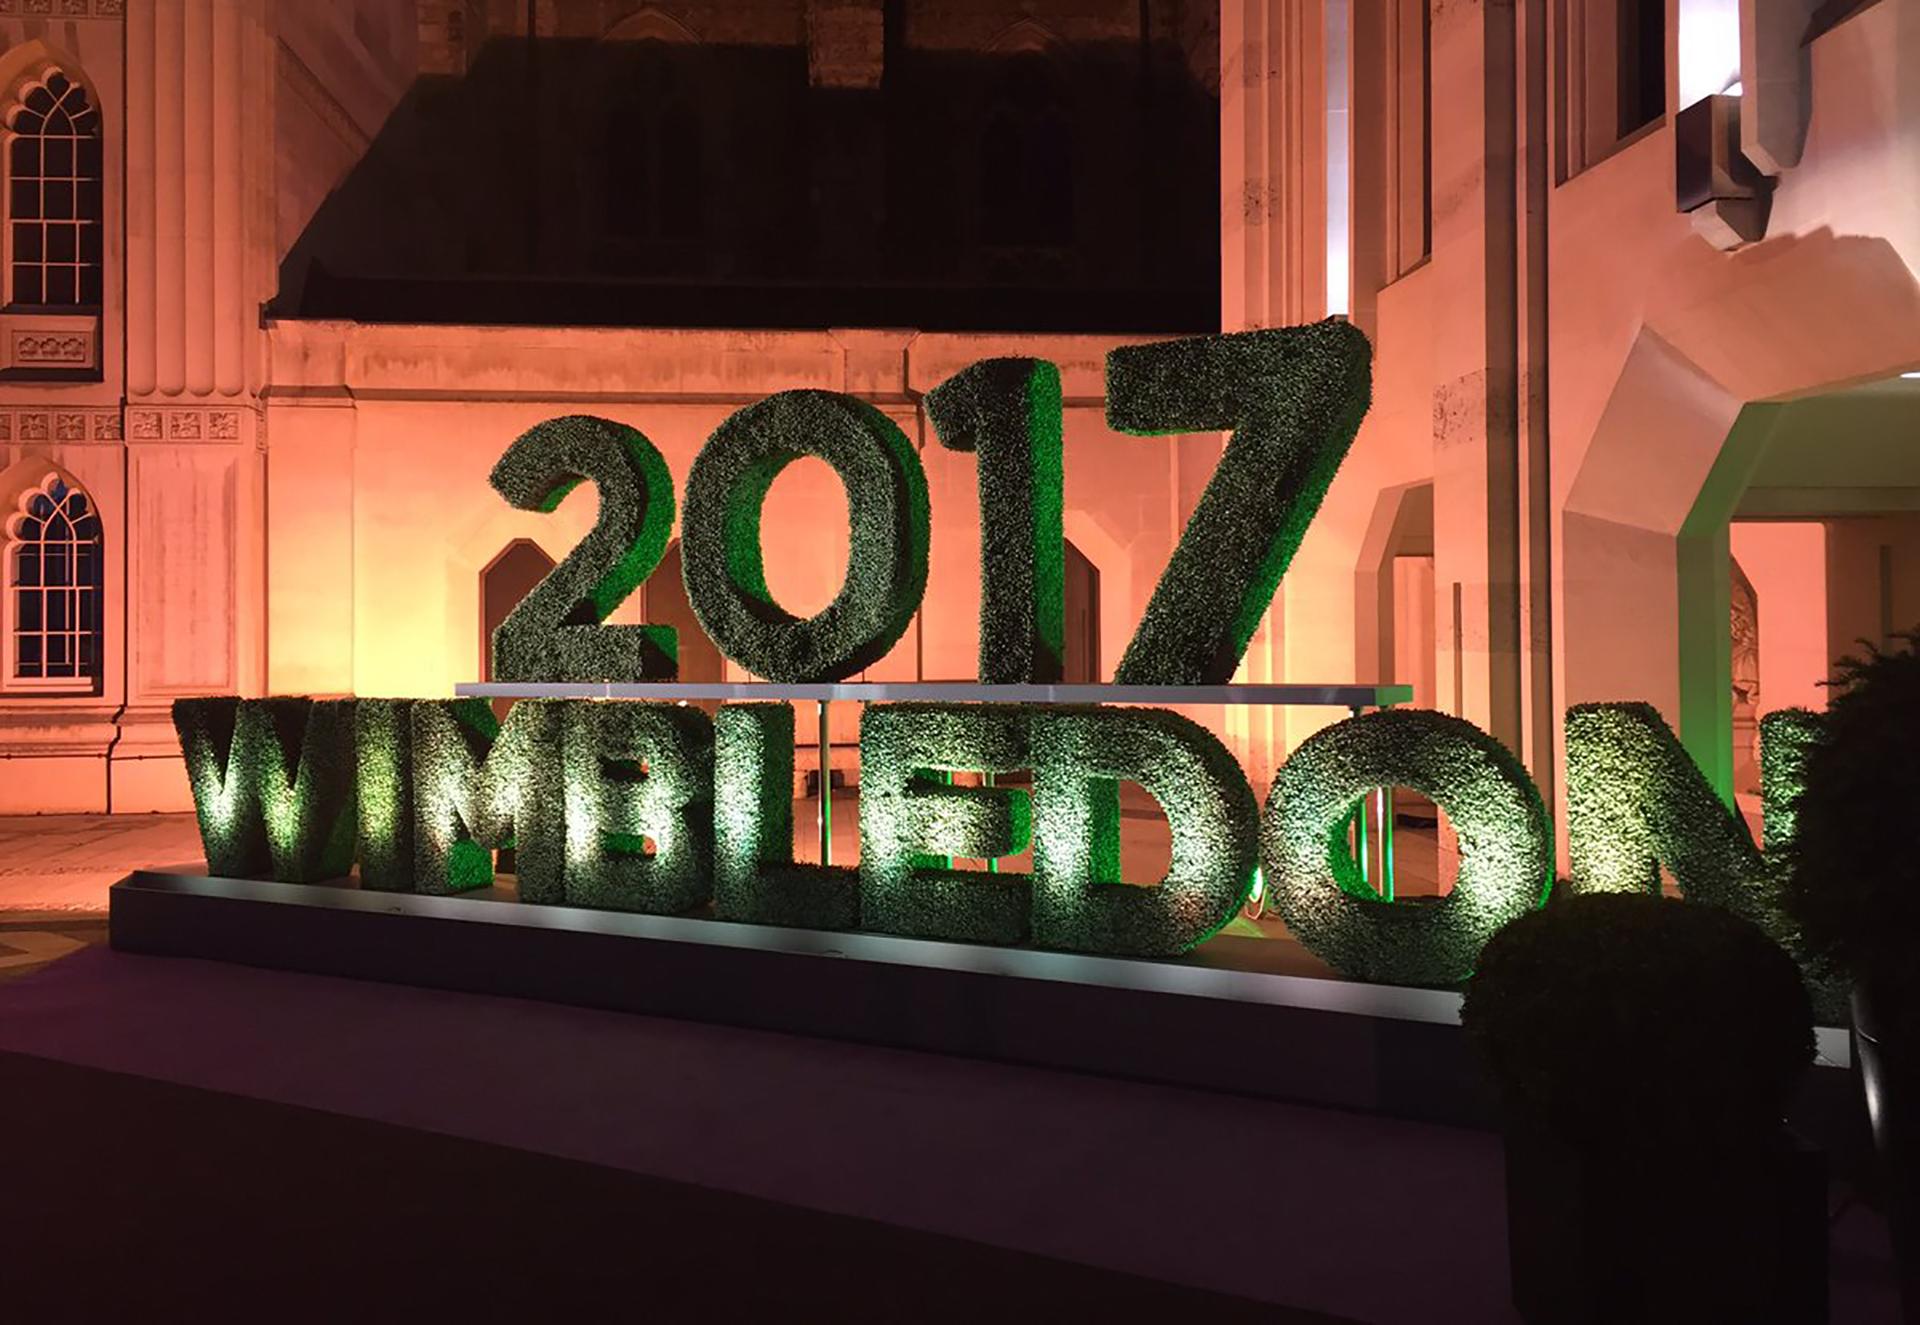 La Cena de Campeonesse realizó en el museo Guildhall de Londres